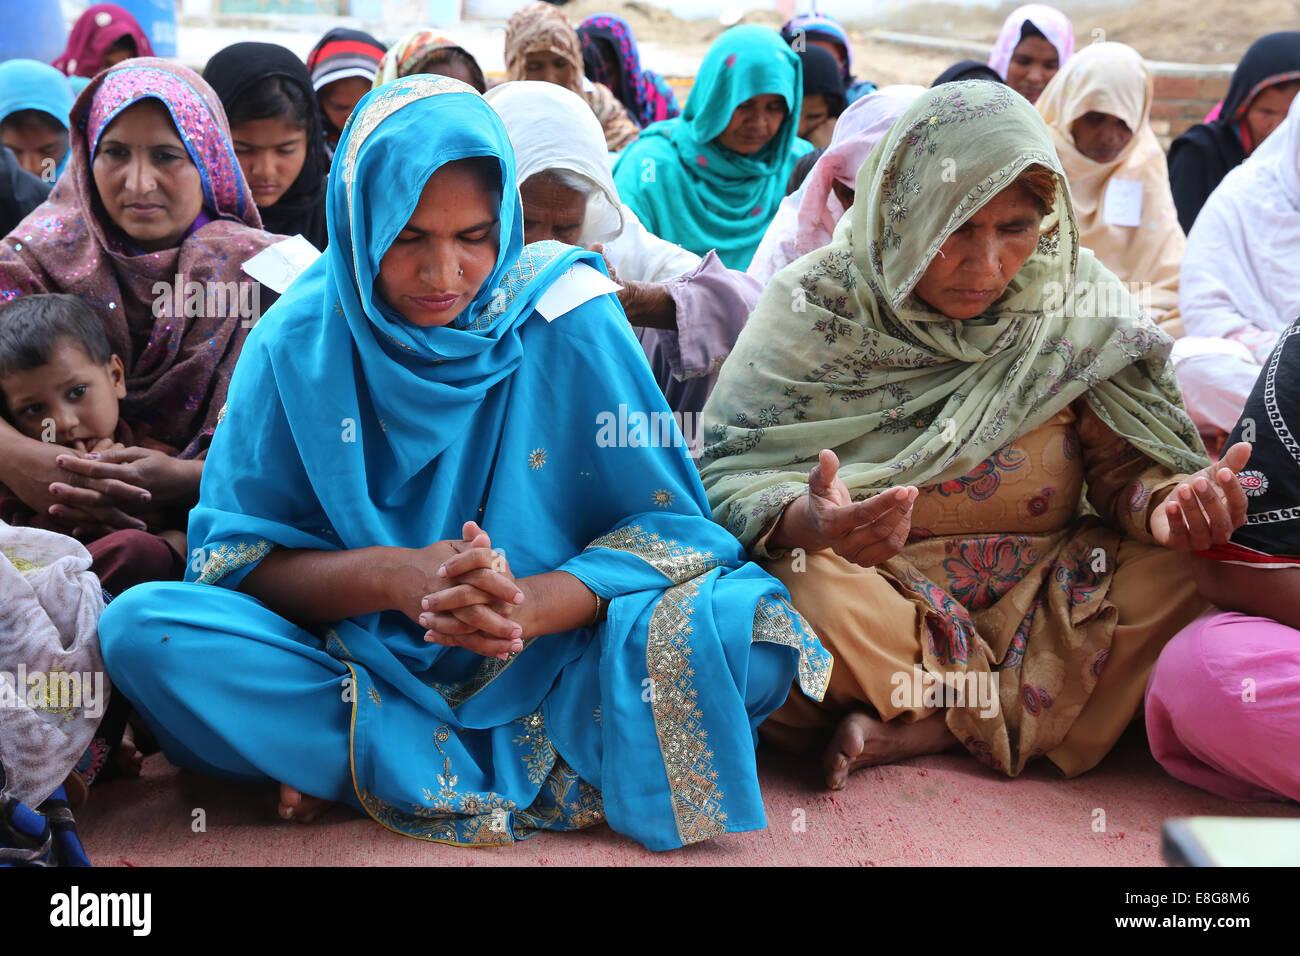 Mujeres Cristianas Y Musulmanas Con Una Oración Común Faisalabad